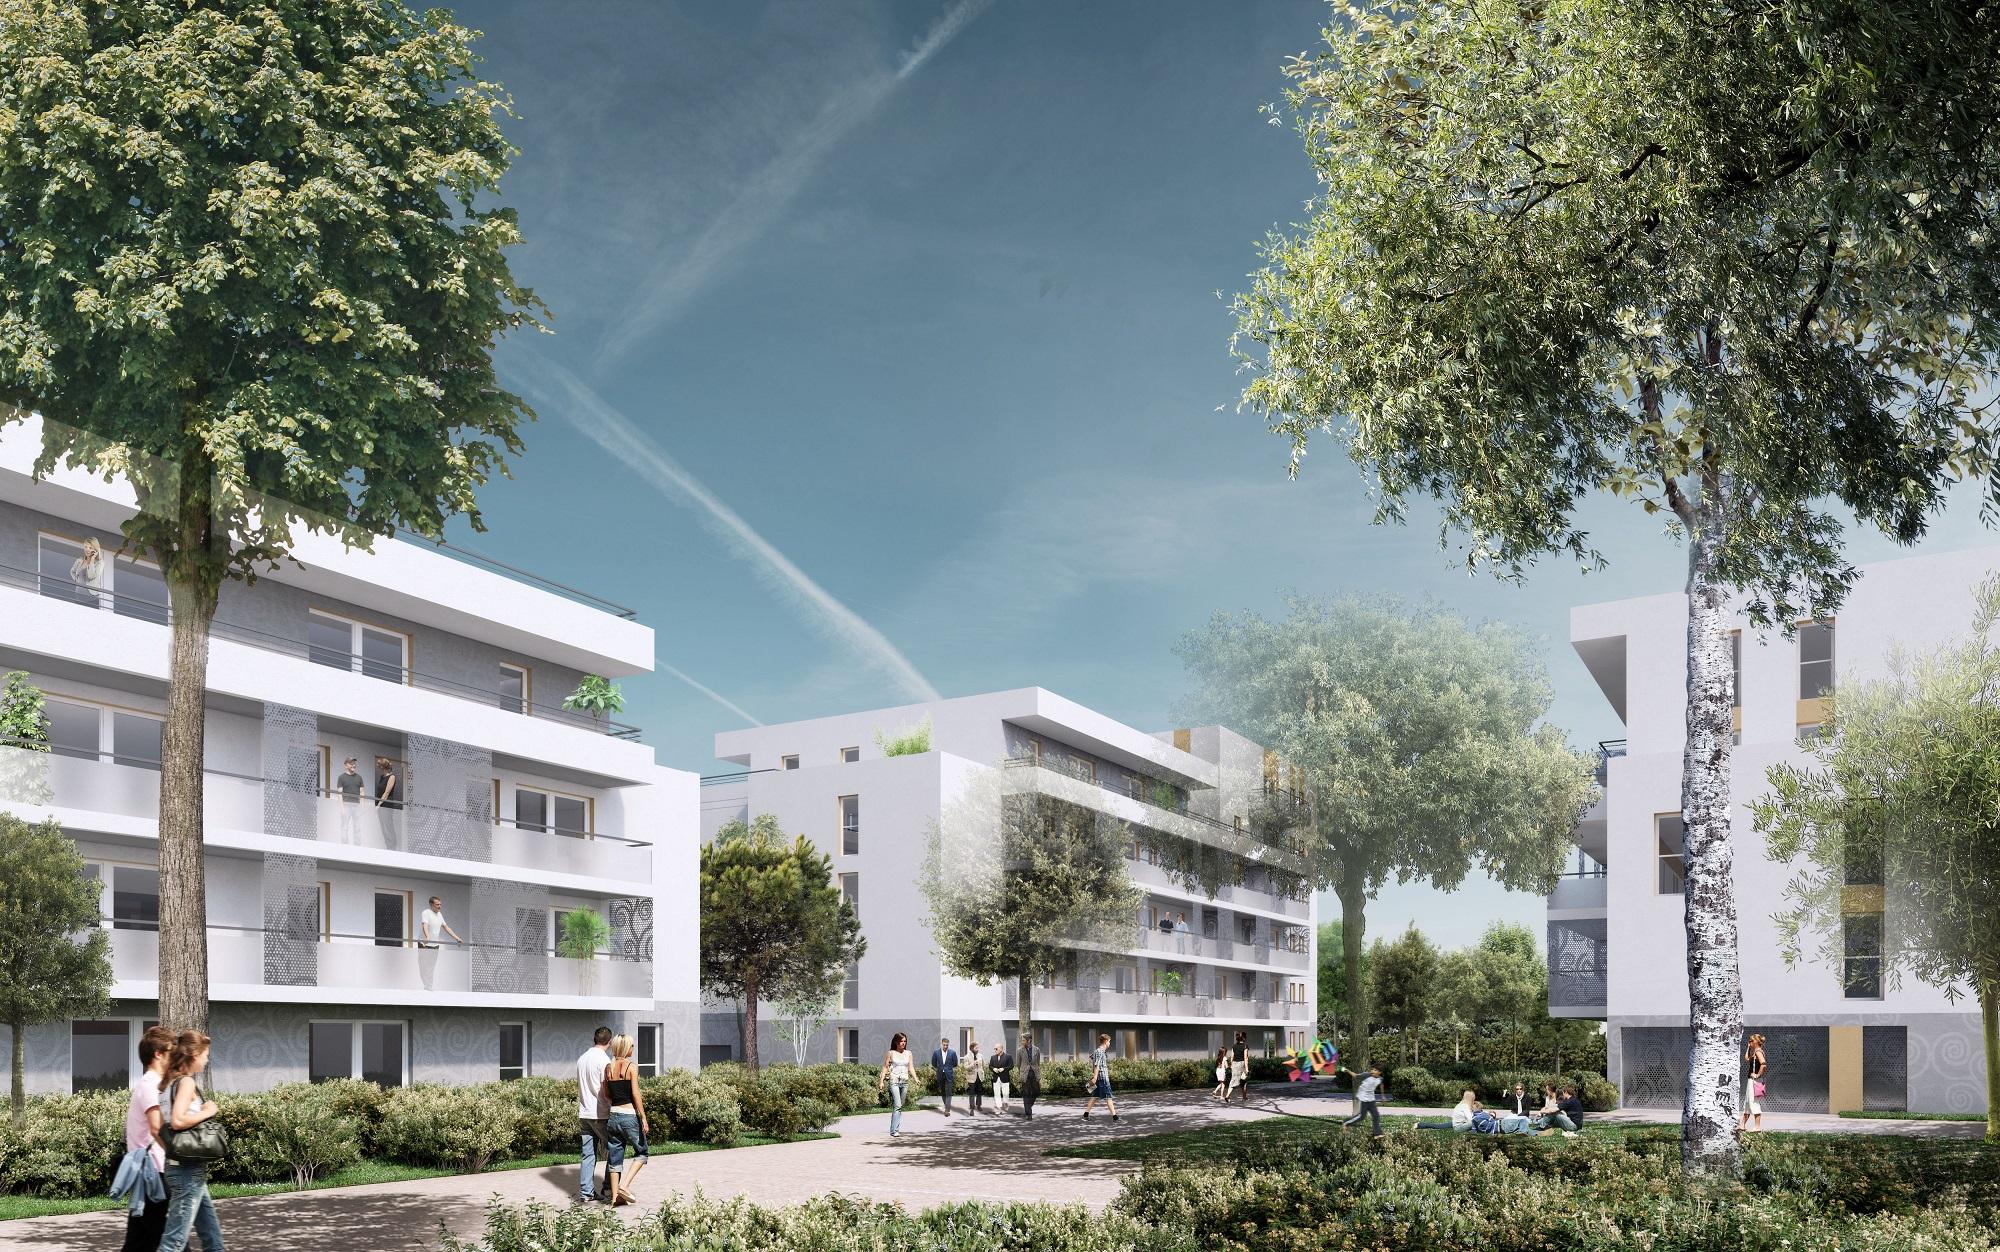 L-2017-019 Construction de 168 logements - BOUYGUES IMMOBILIER - Parc2Cé - Angers (49) ©Rolland & Associés1-petite